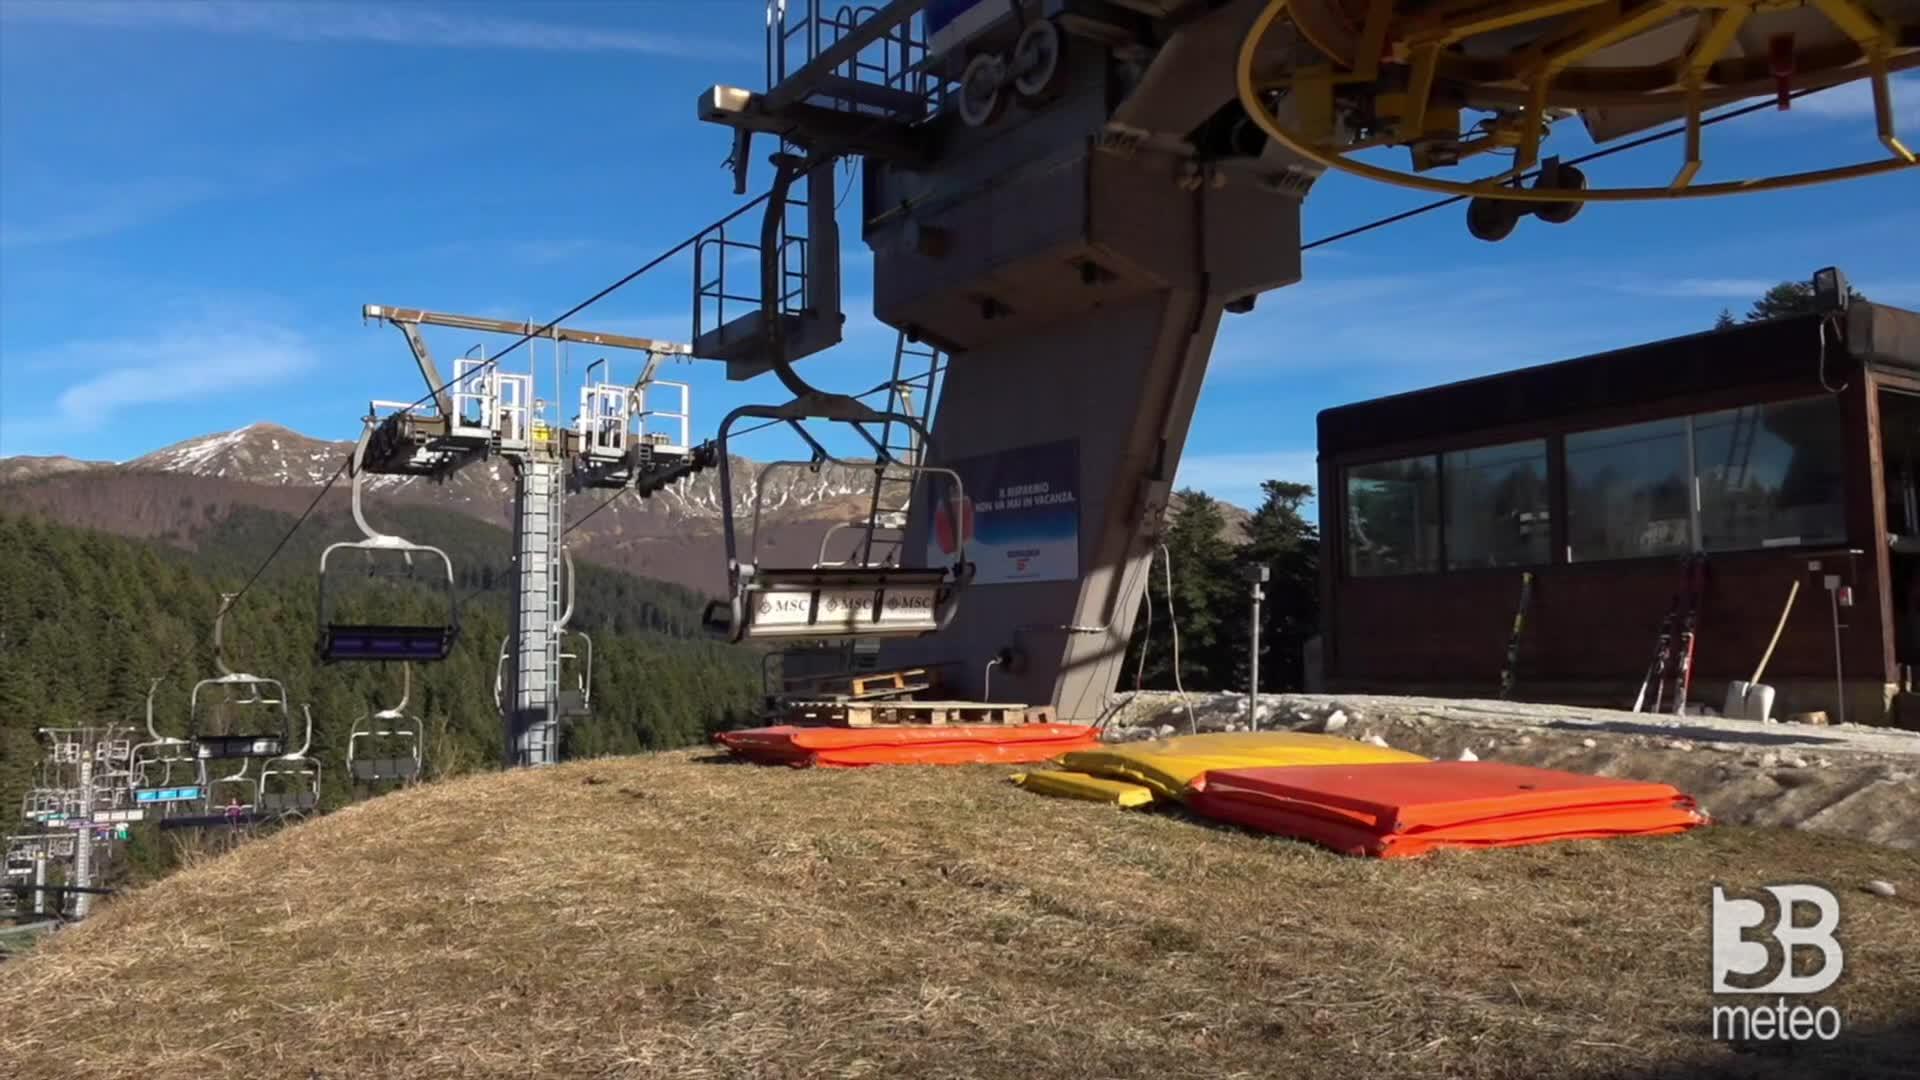 Clima, l'Abetone senza neve: piste aperte solo con i cannoni